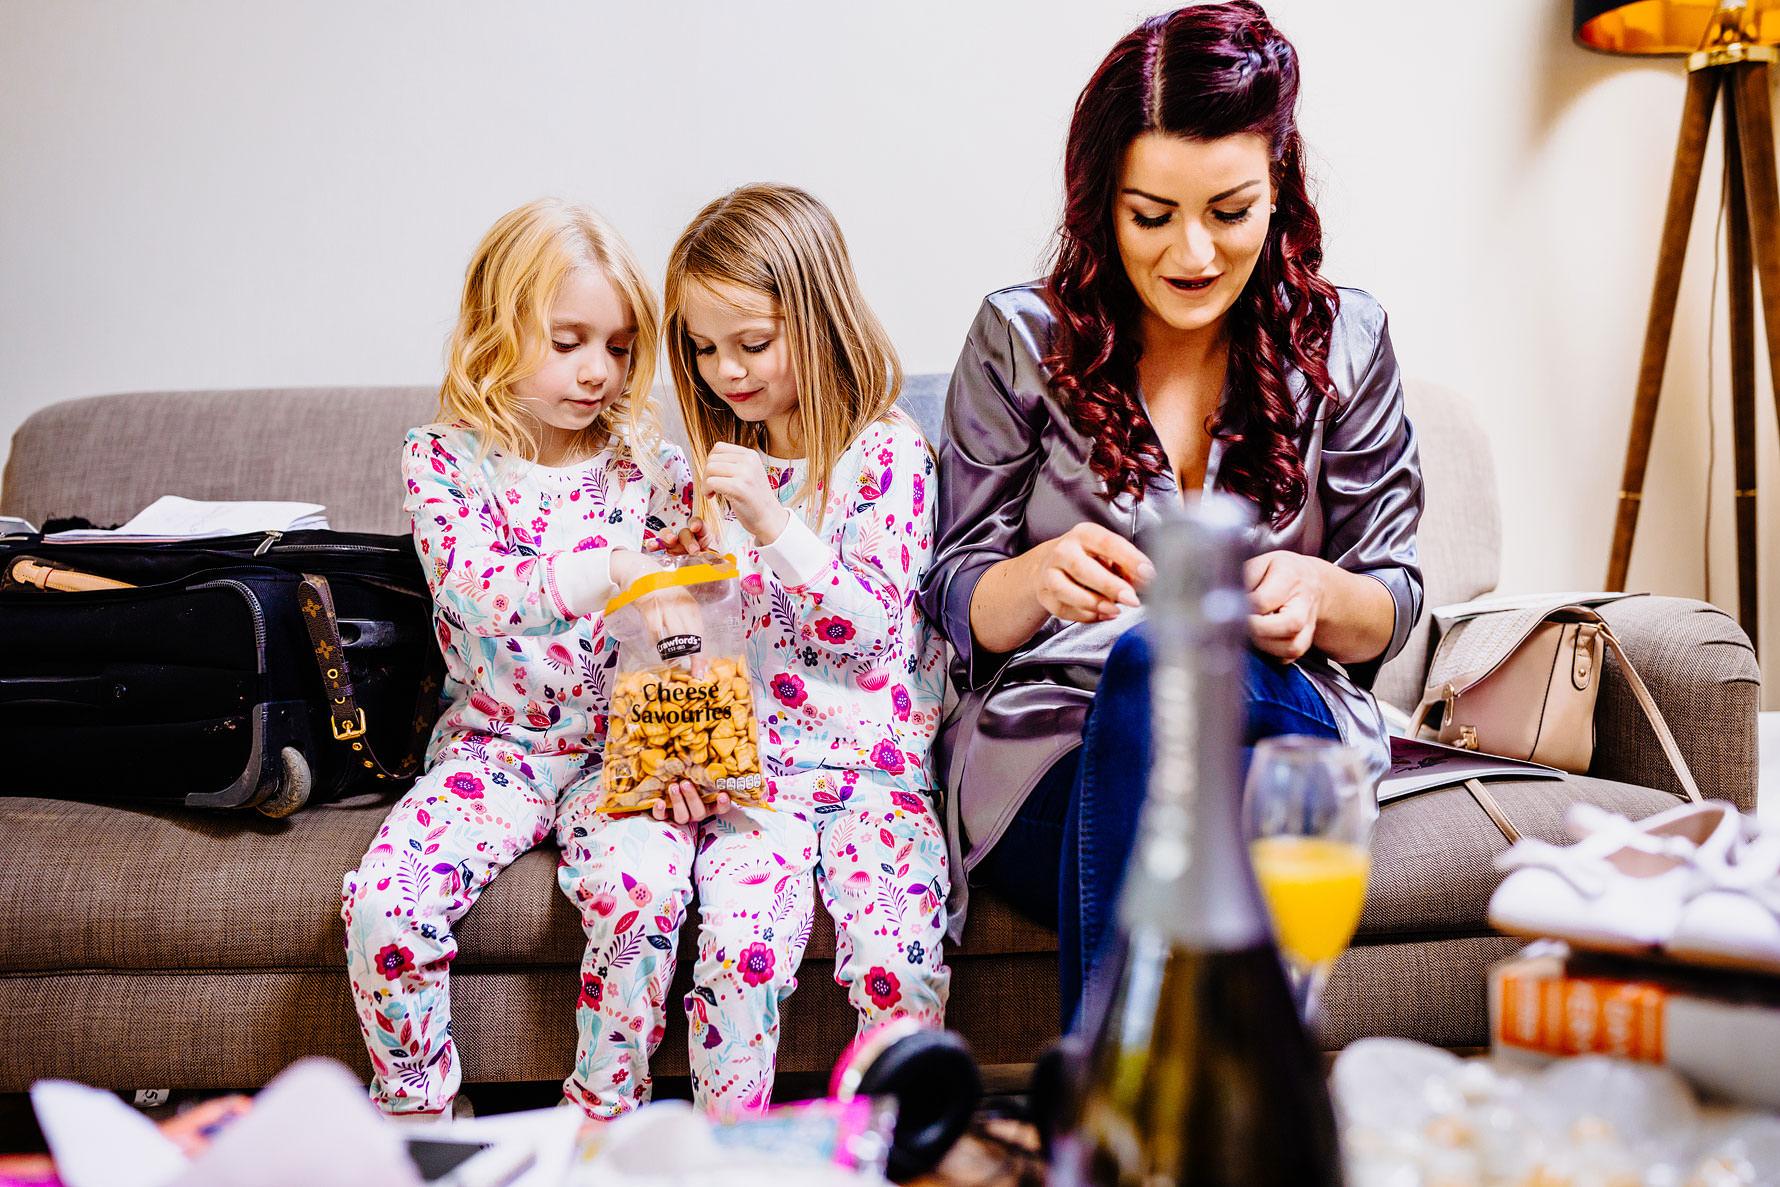 two children enjoy a snack